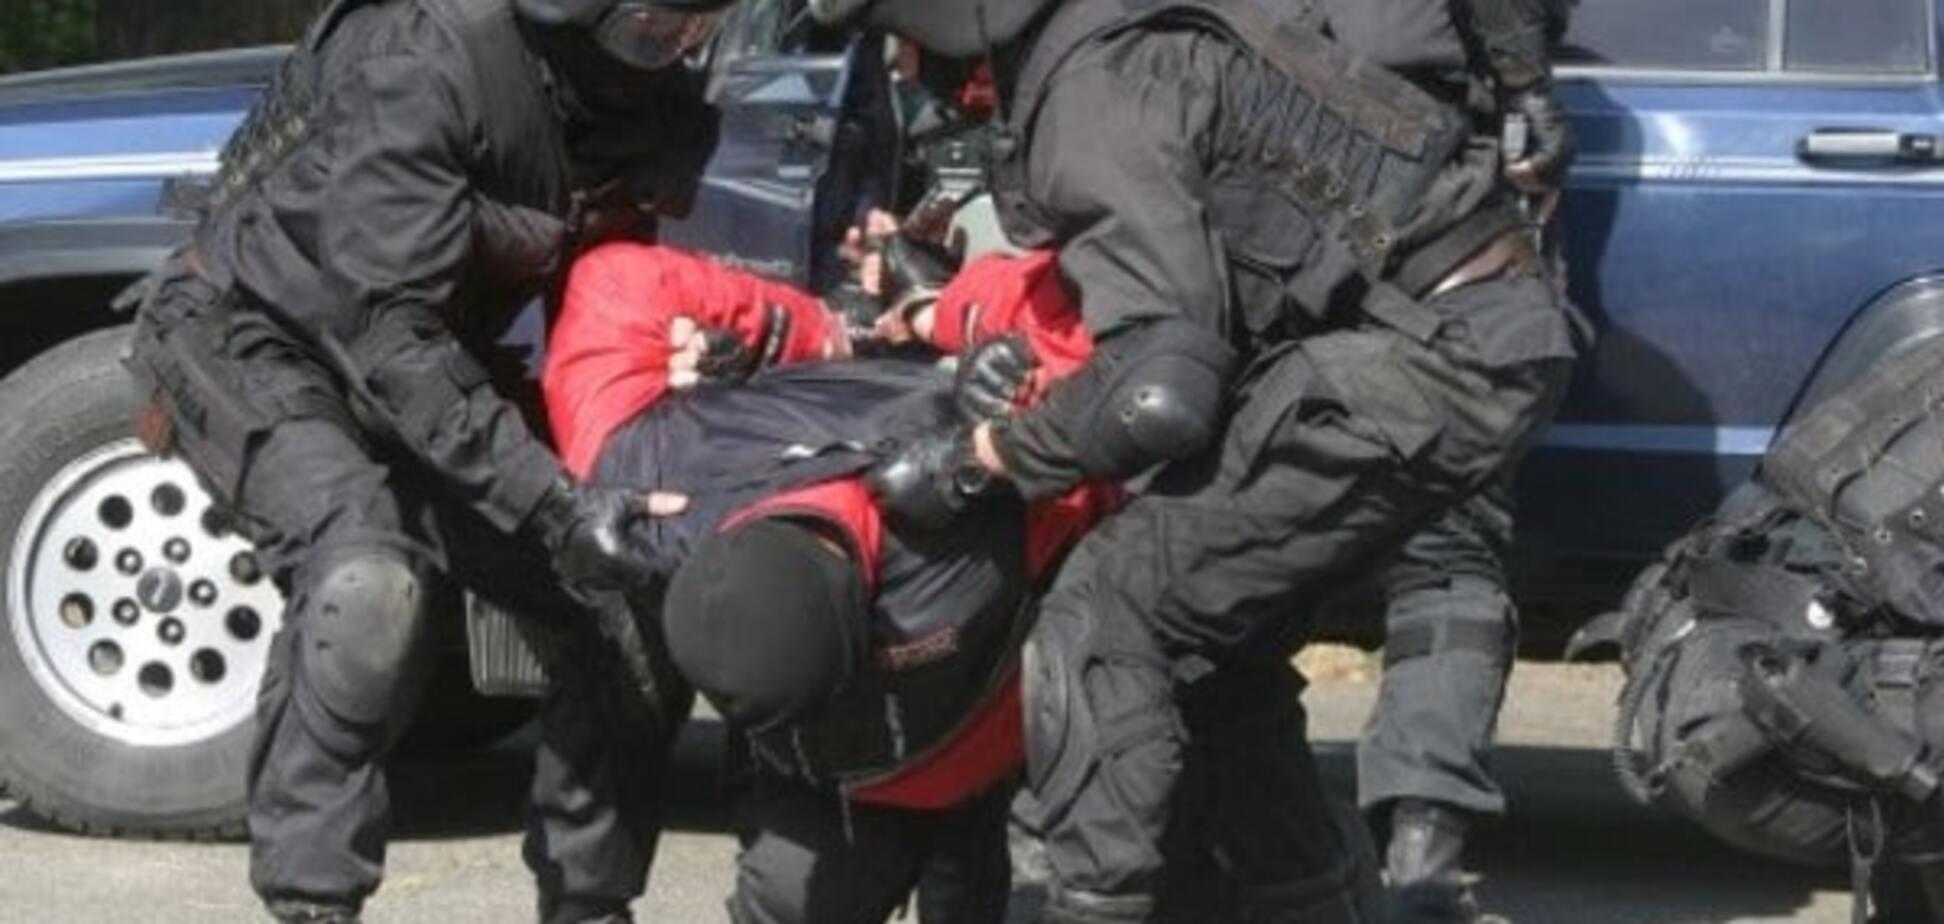 Новый поворот? СБУ задержала еще одного участника конфликта в Мукачево